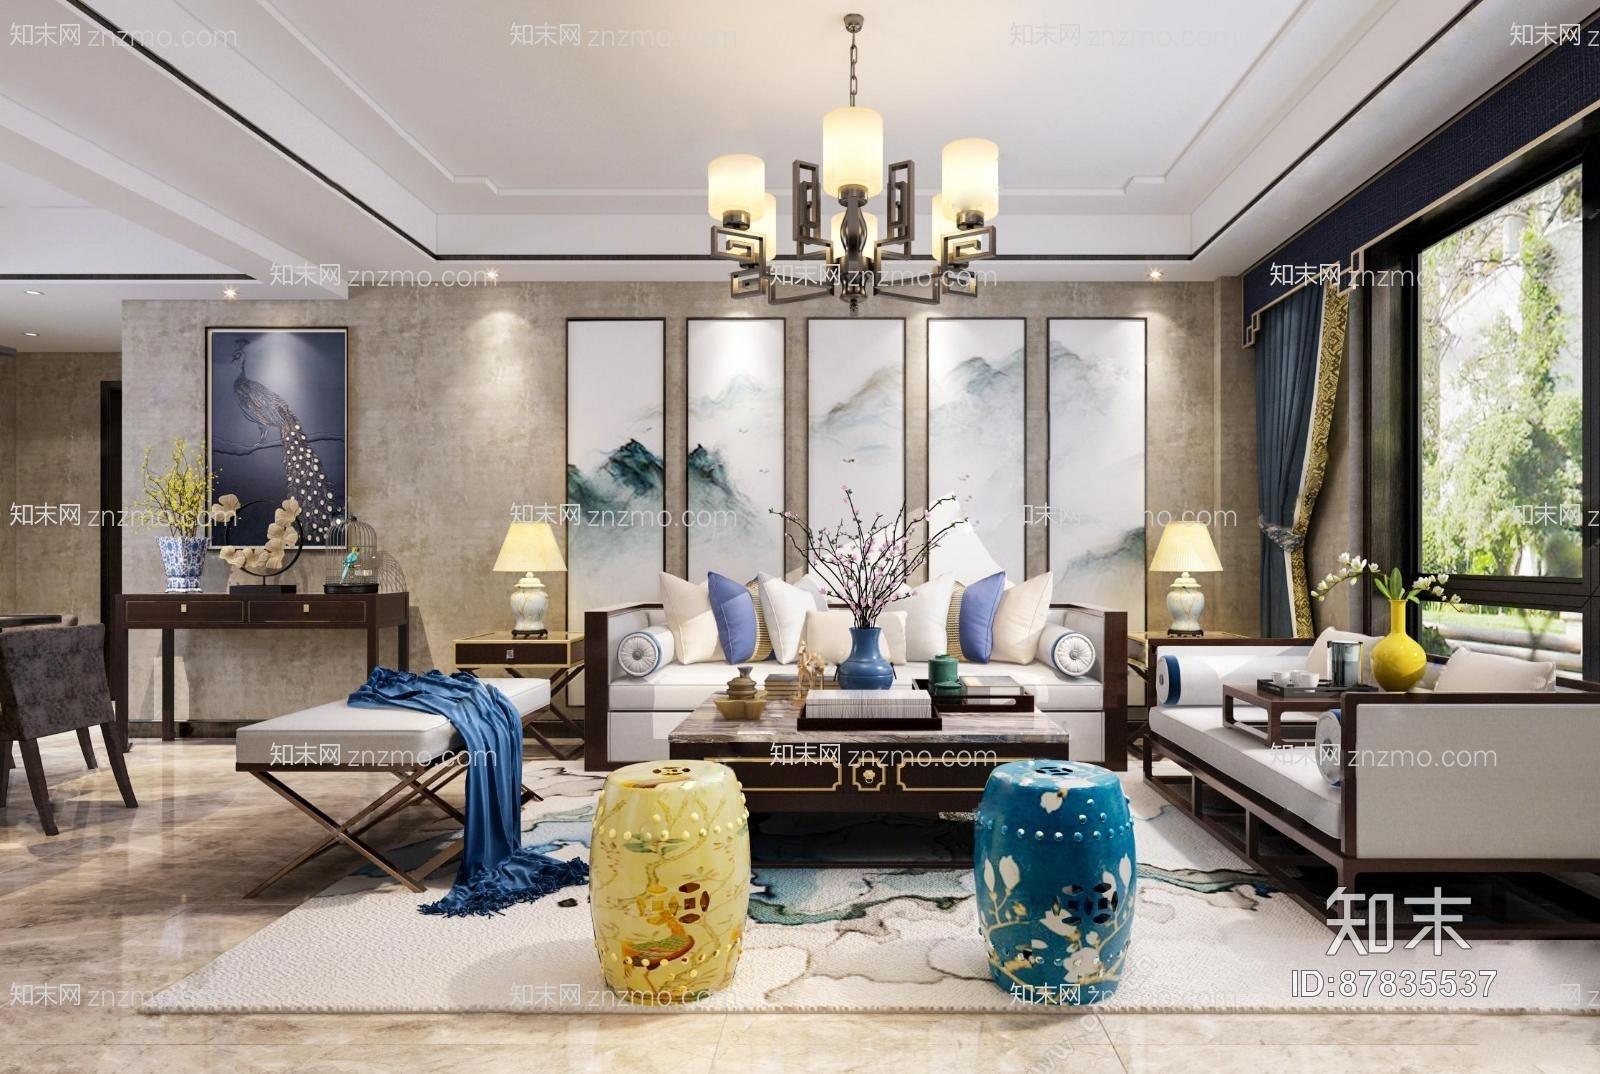 新中式客厅餐厅过道 多人沙发 茶几 沙发凳 装饰柜 摆件 鸟笼装饰 装饰物 餐桌椅 楼梯 挂画